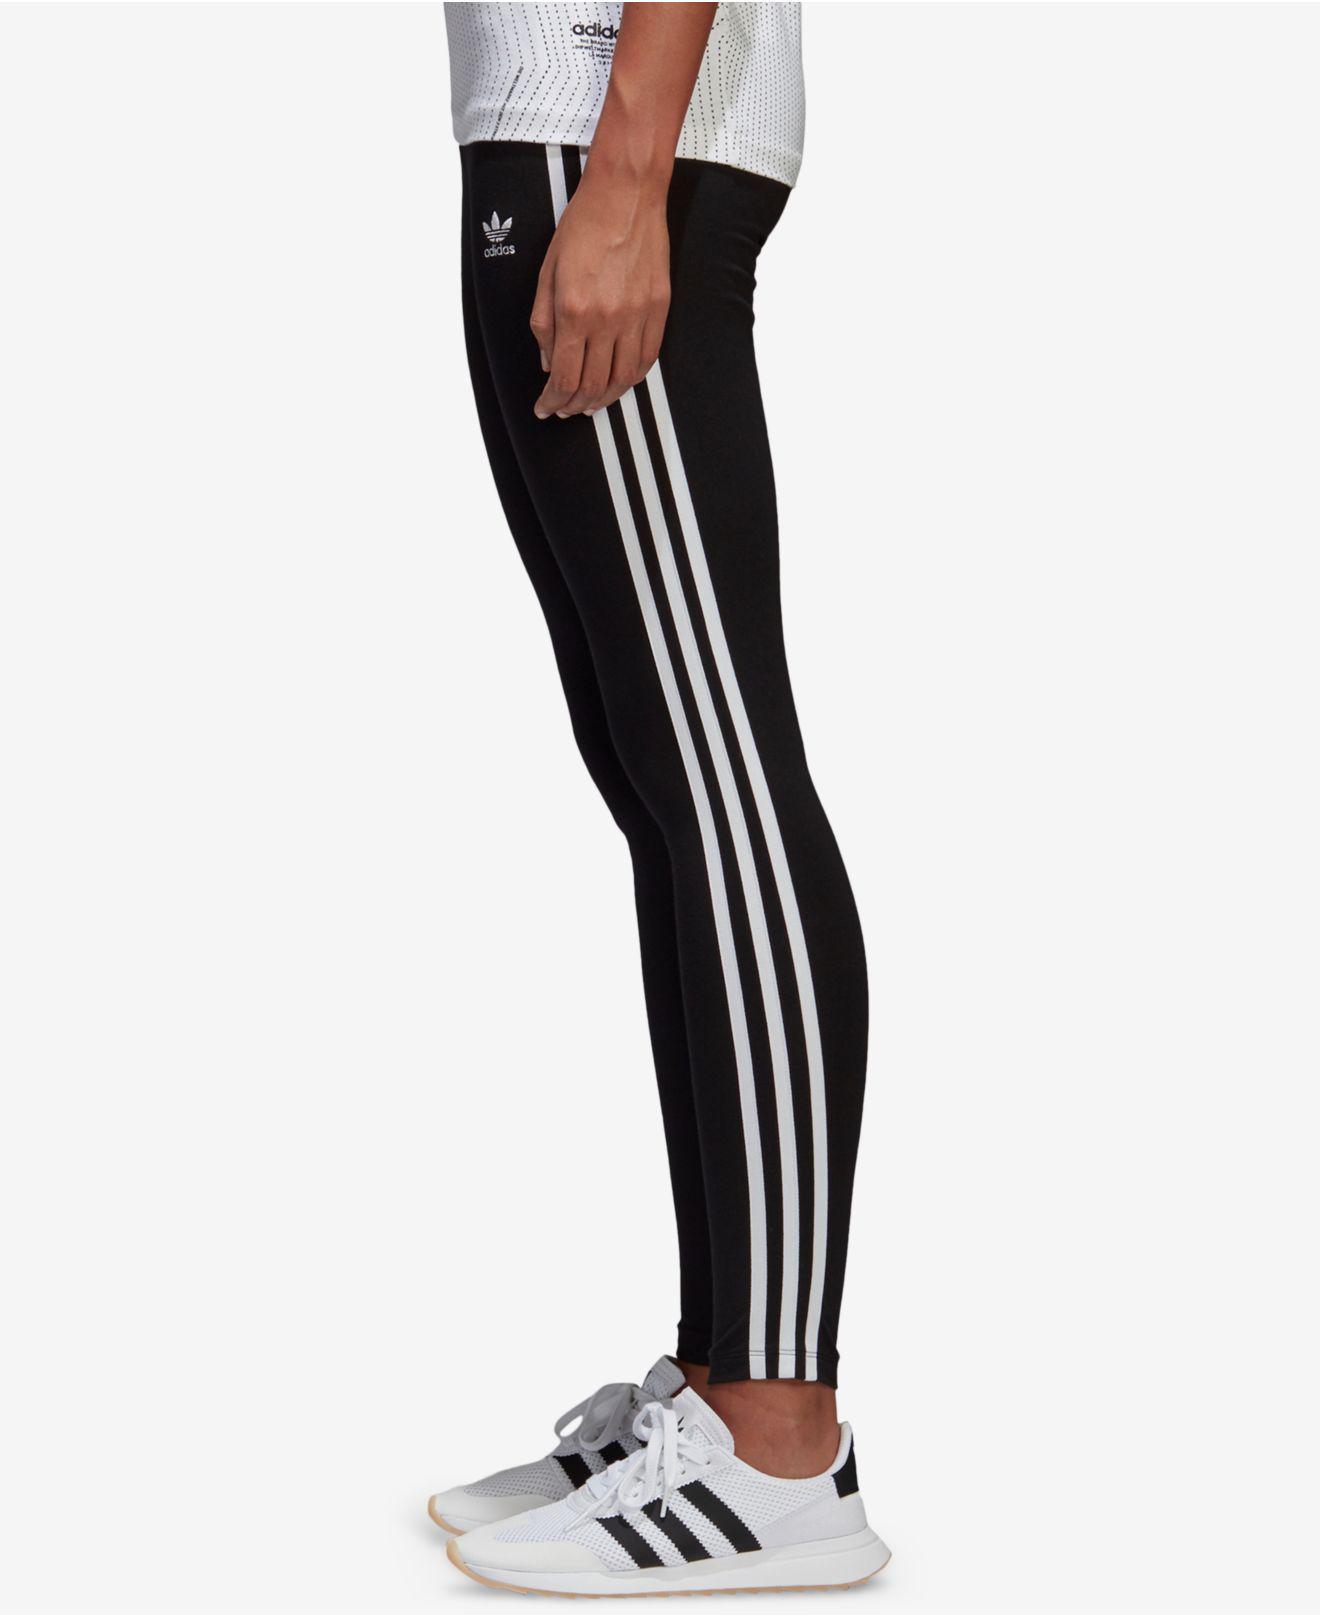 Lyst adidas Originals Adicolor 3 Stripe leggings en negro para hombres